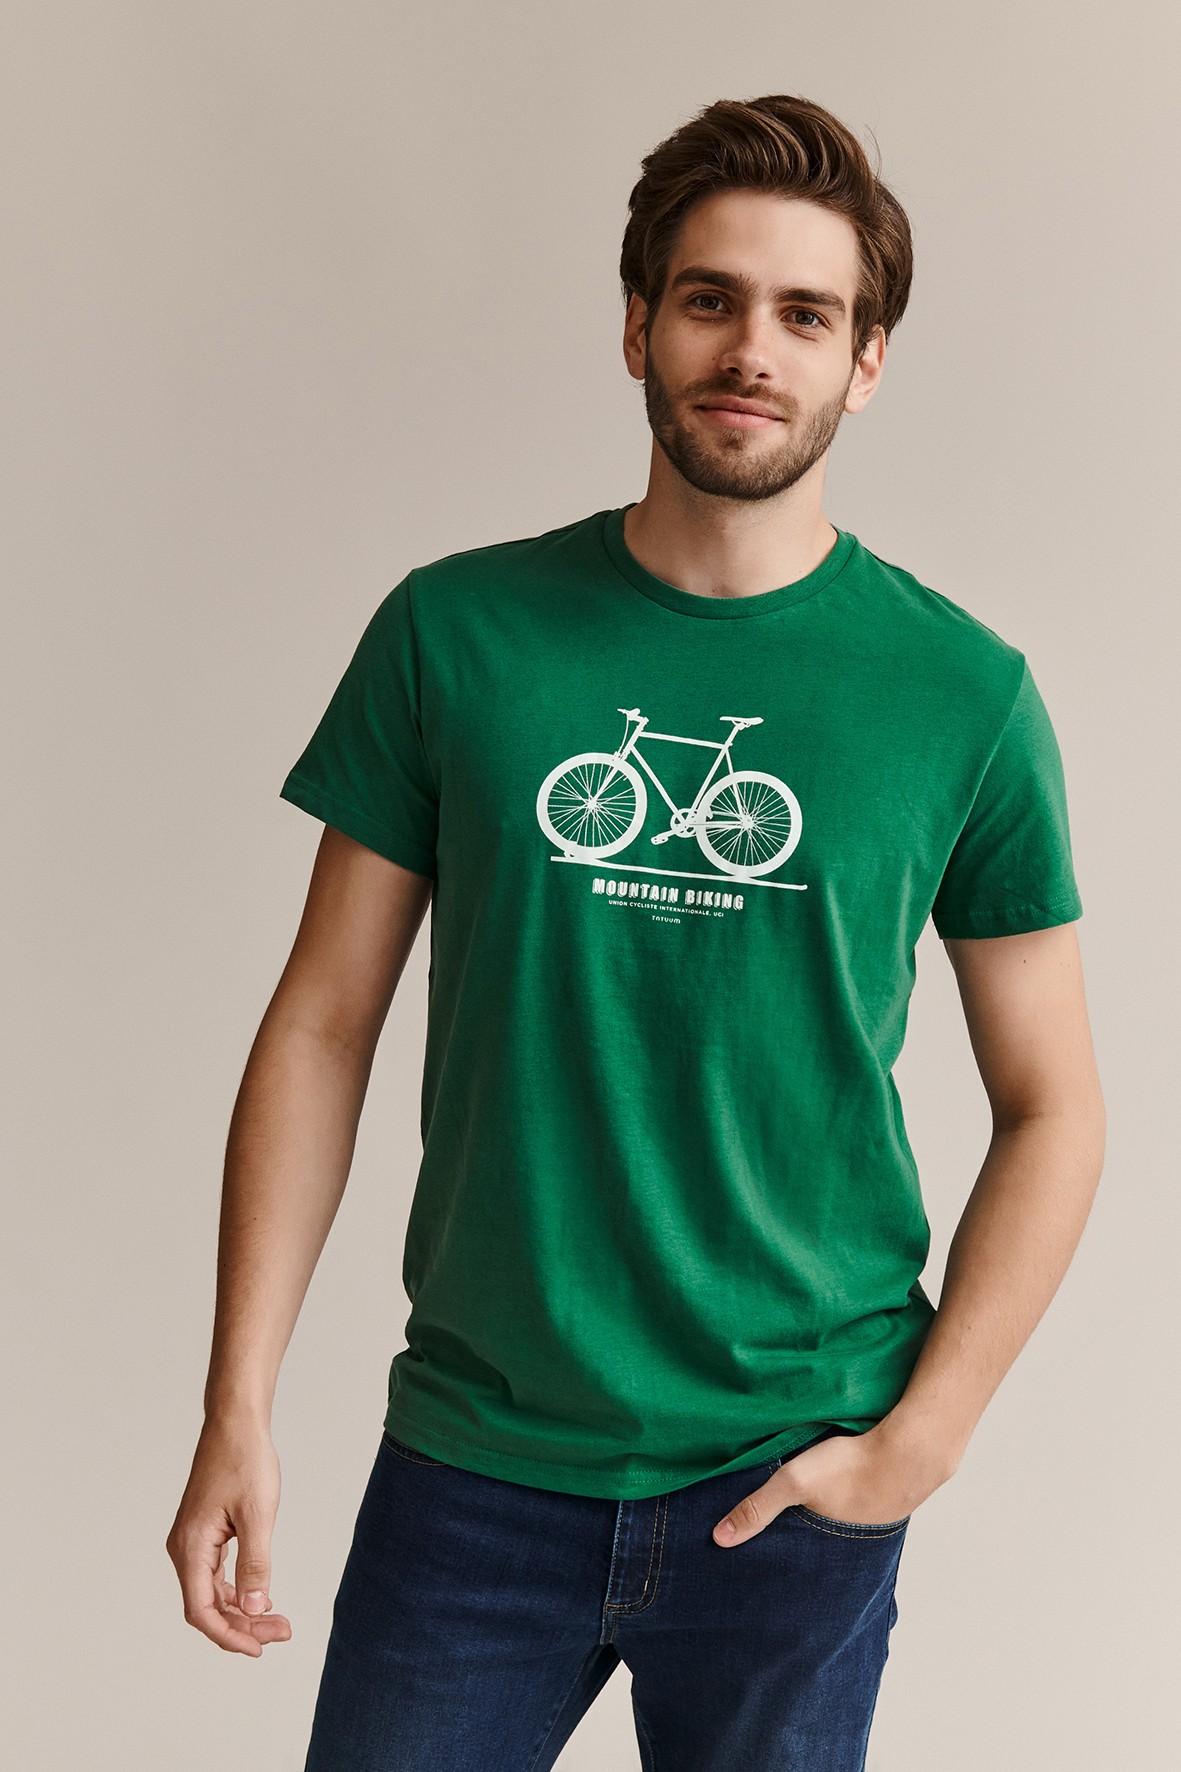 Bawełniany t-shirt męski z rowerem - zielony